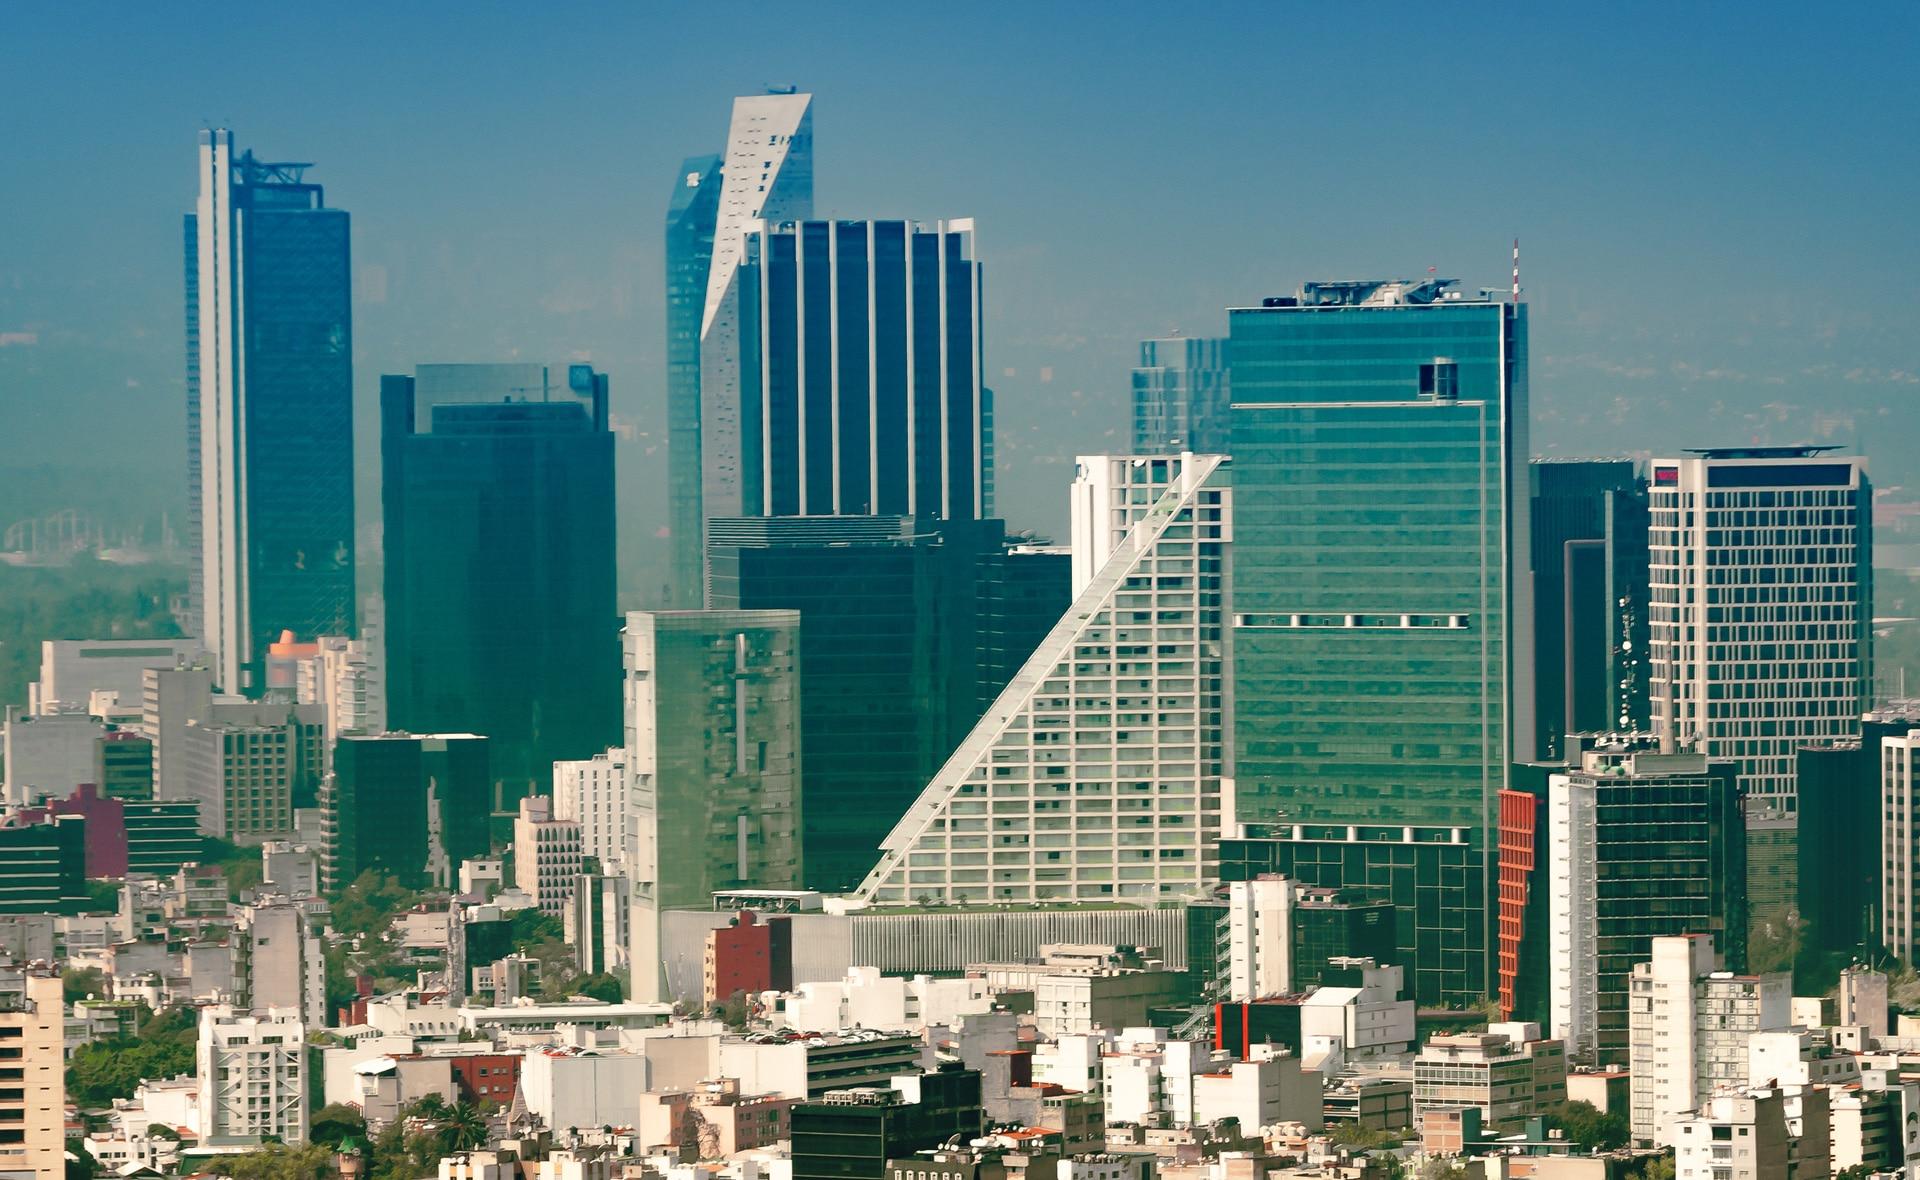 Mexico_financiero_1920x1180-país-ciudad-economia-bbva